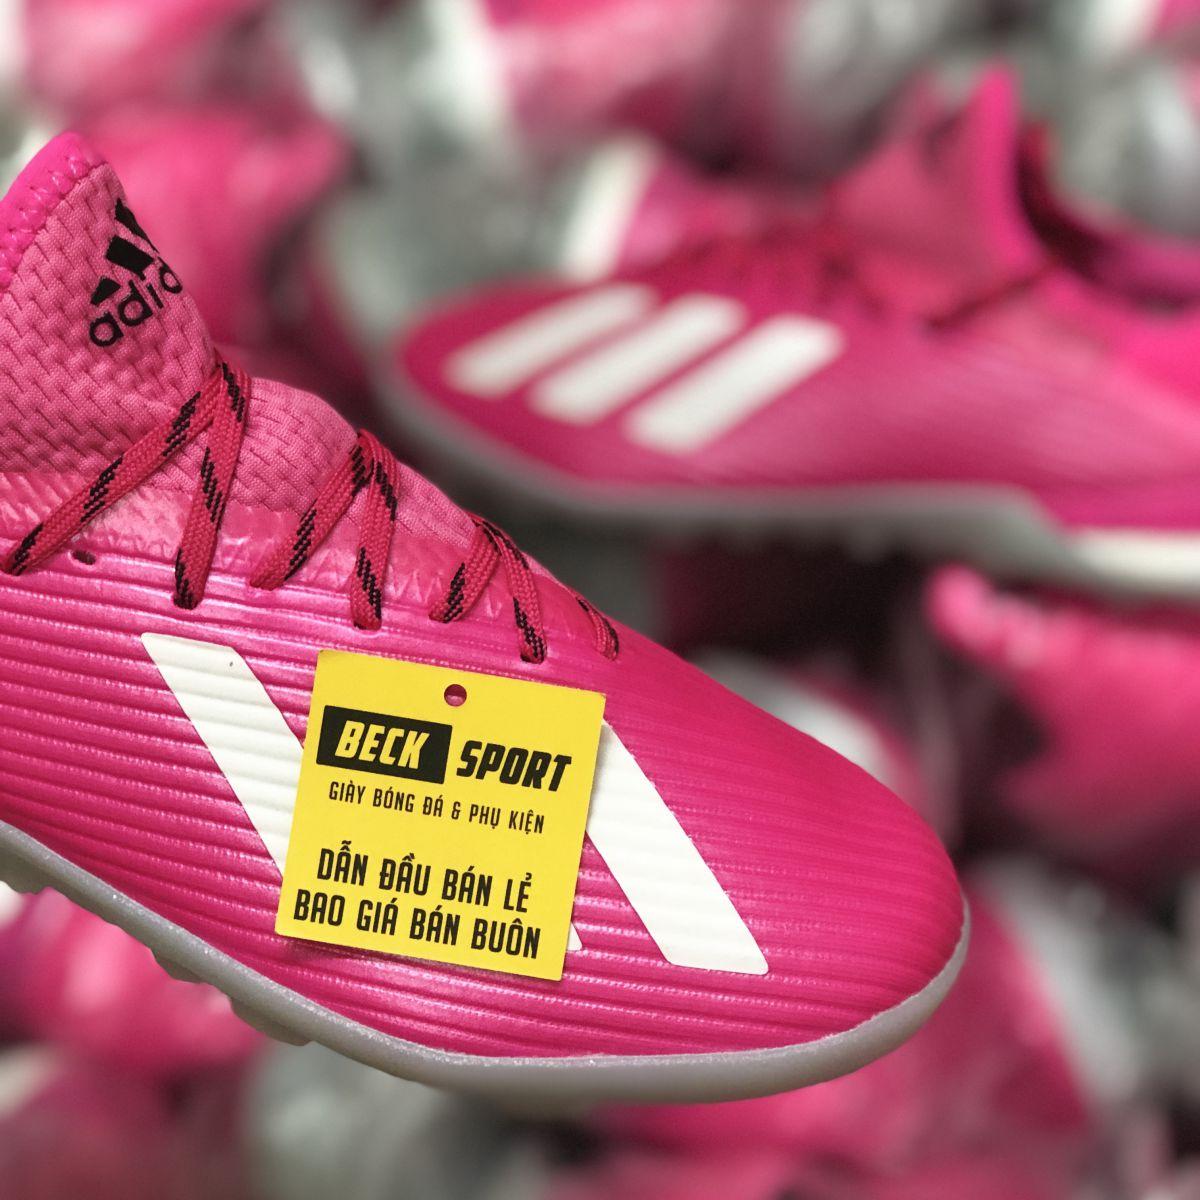 Giày Bóng Đá Adidas X 19.1 Hồng Vạch Trắng Đế Trắng TF